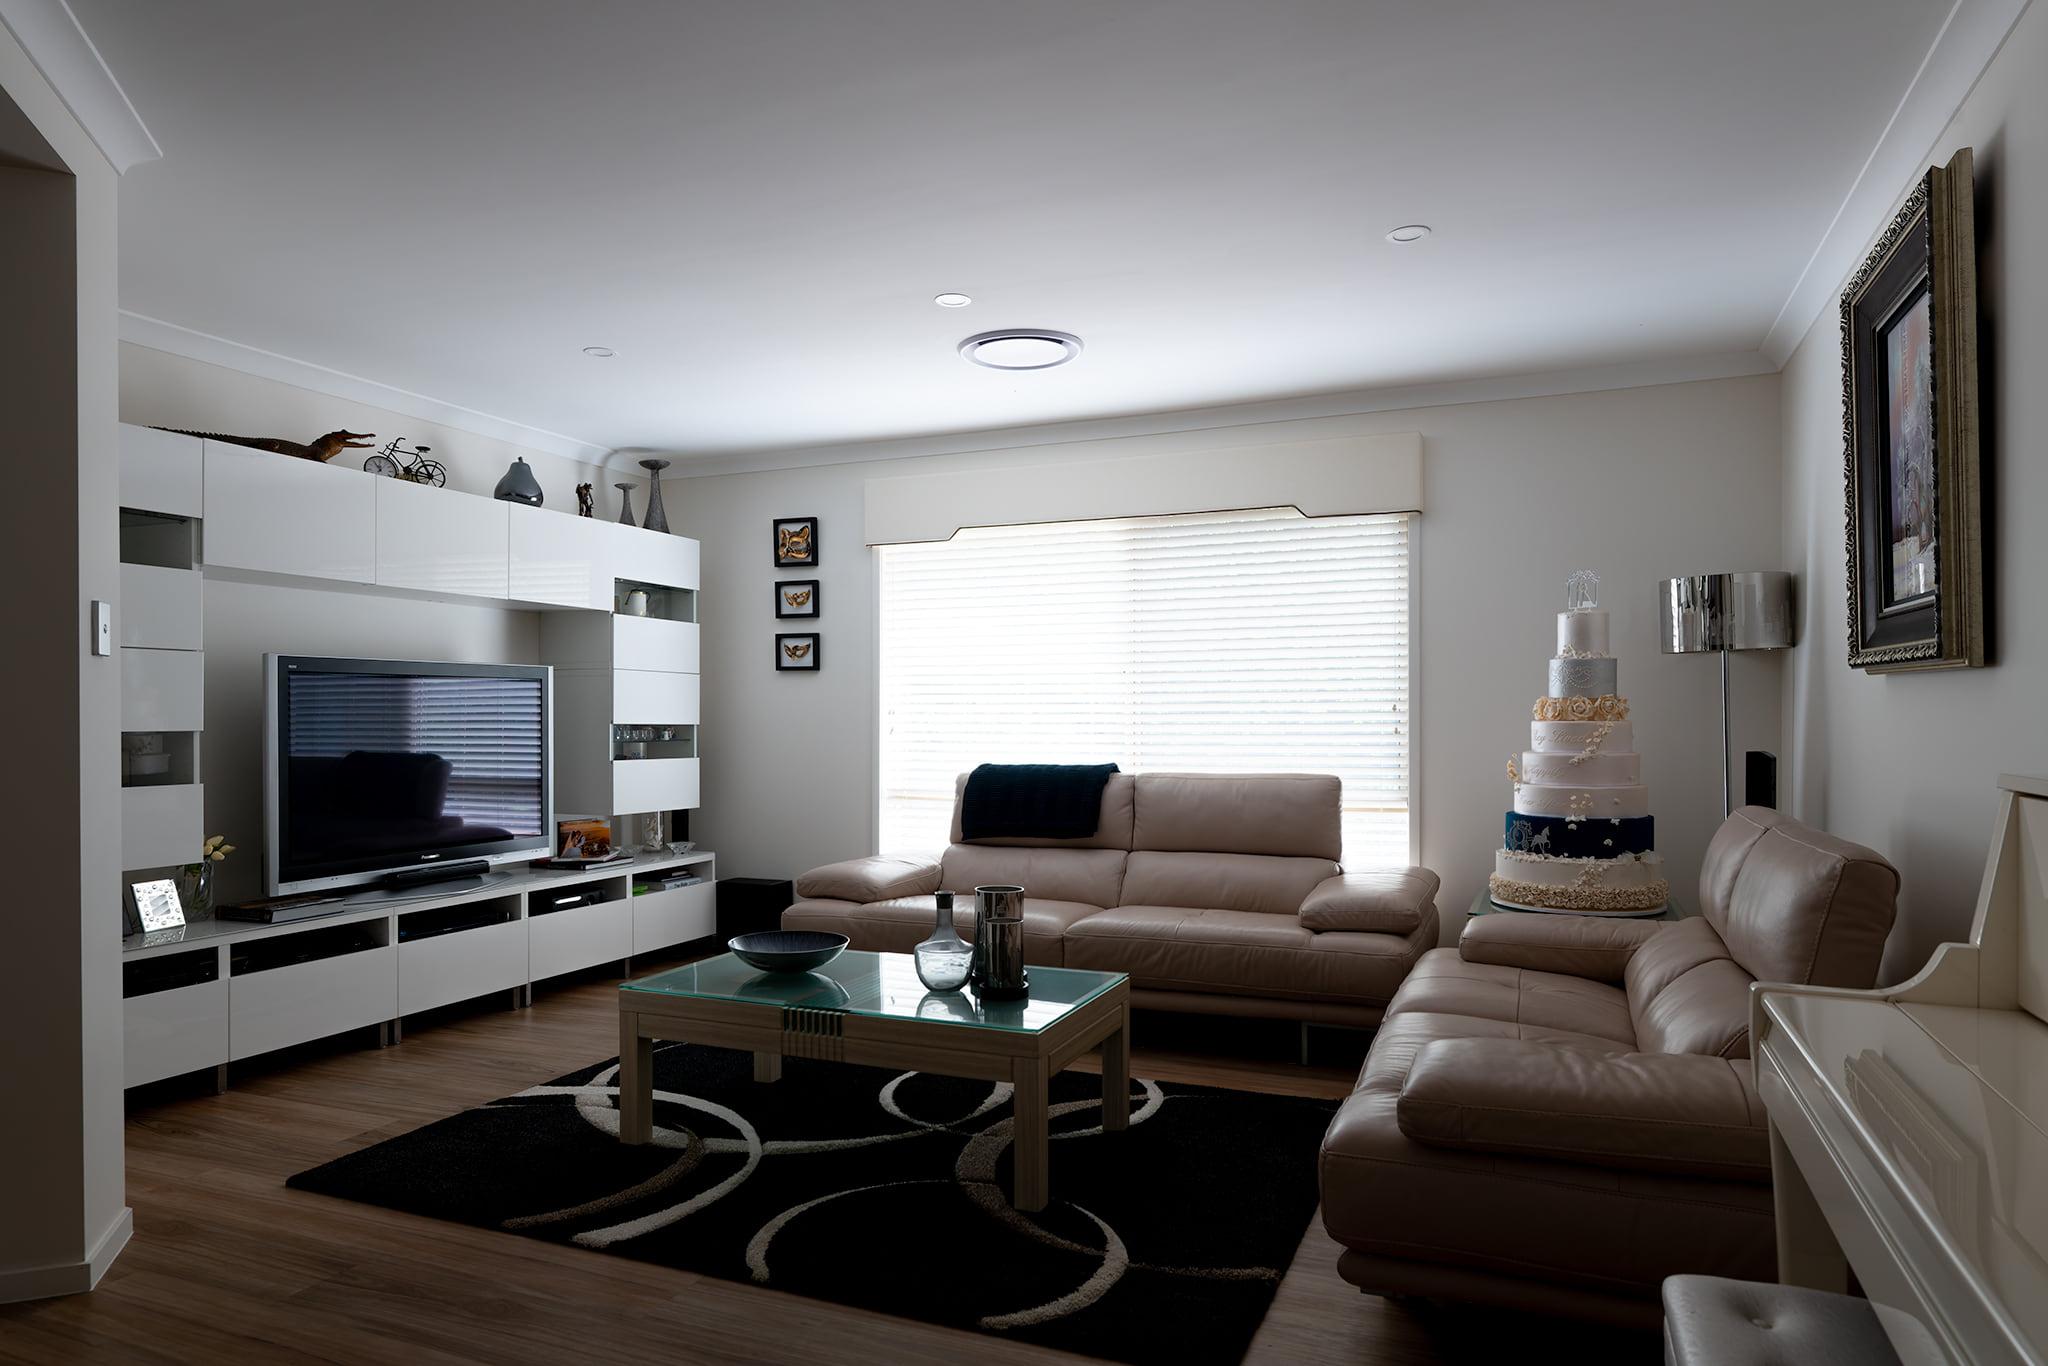 Real Estate Photography Brisbane Sunshine Coast